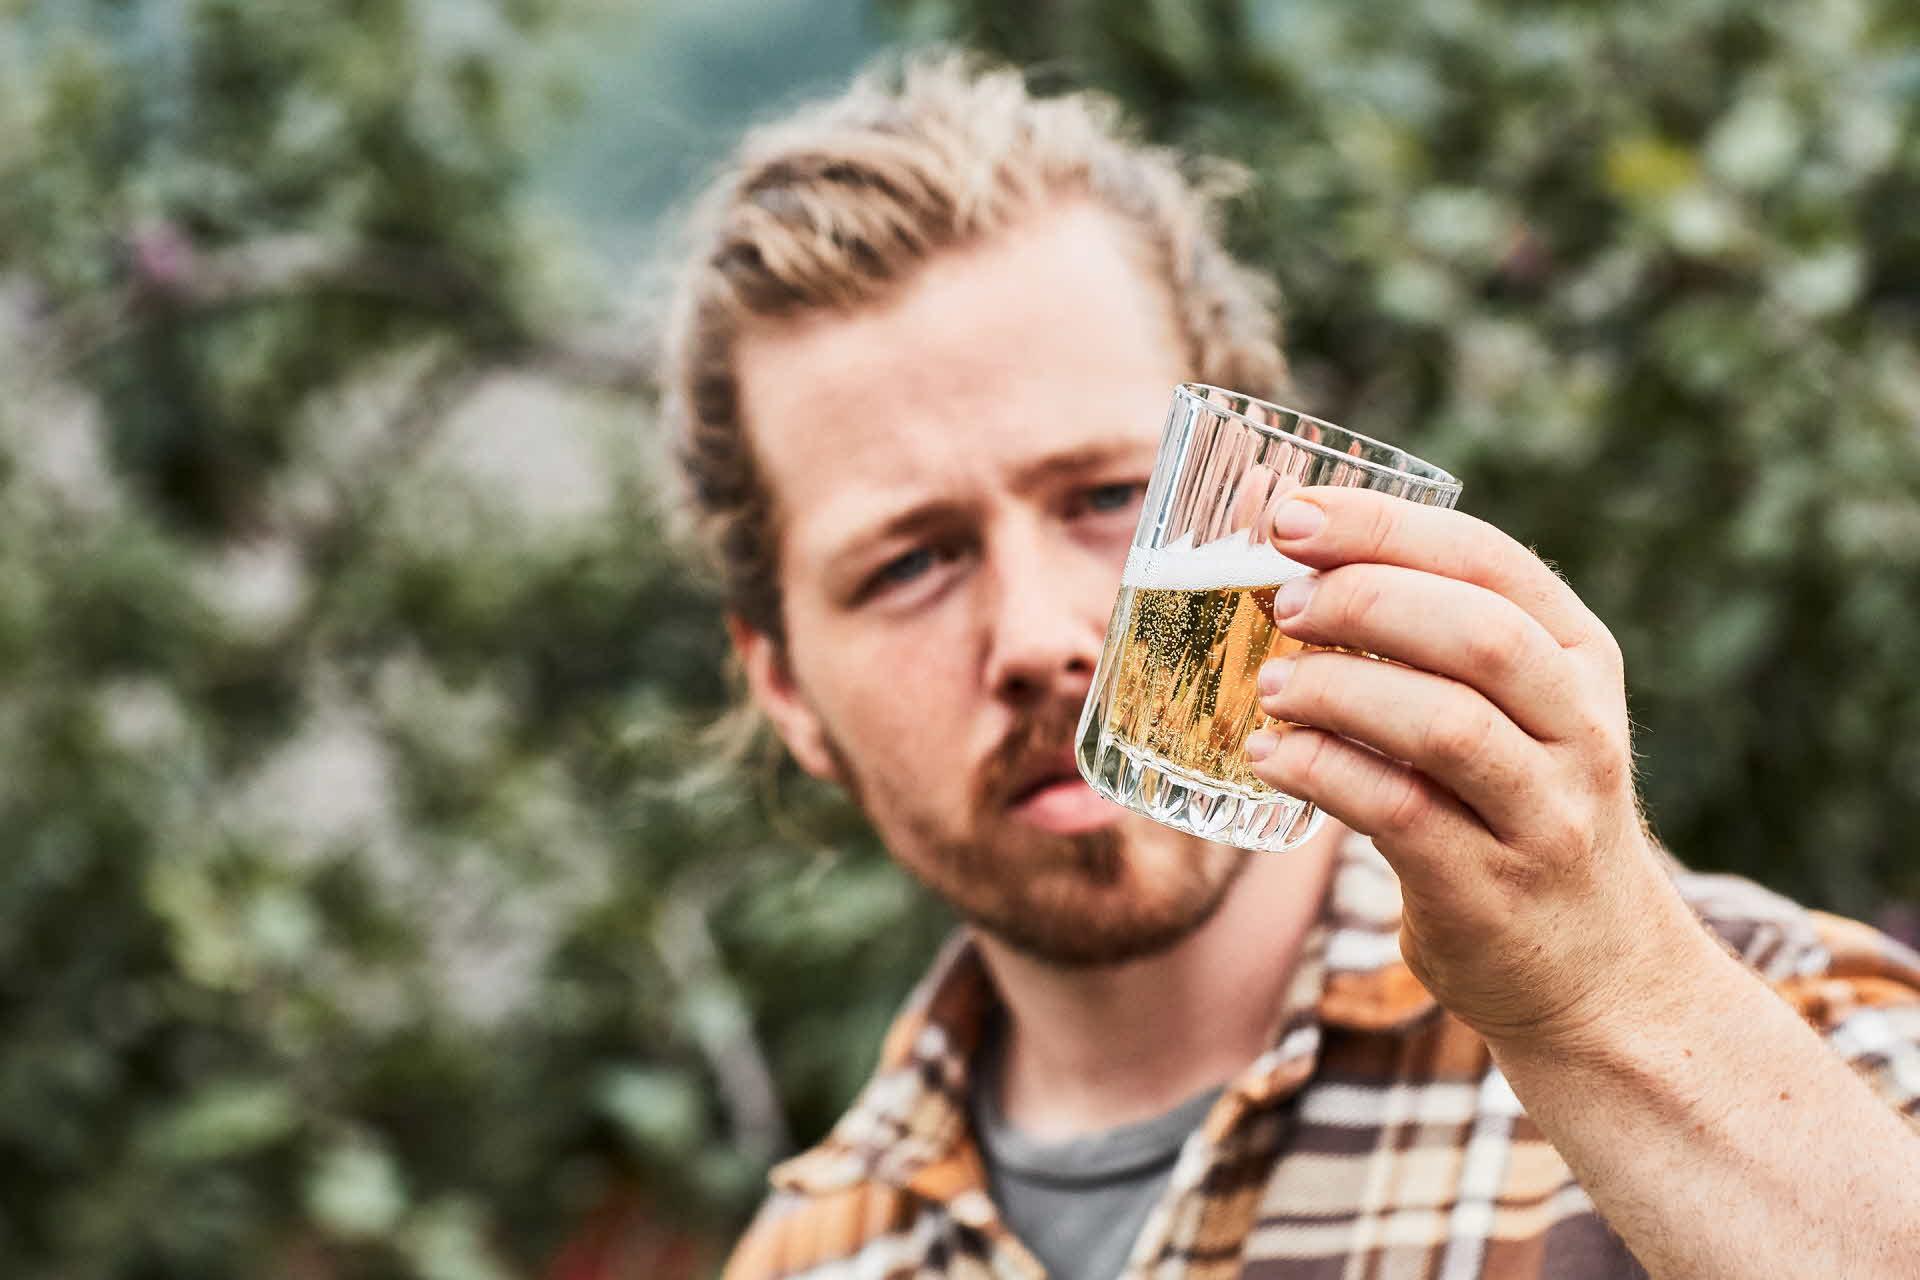 Ein Apfelbauer inspiziert frisch gezapften Apfelwein in einem Glas im Freien in Hardanger, Norwegen